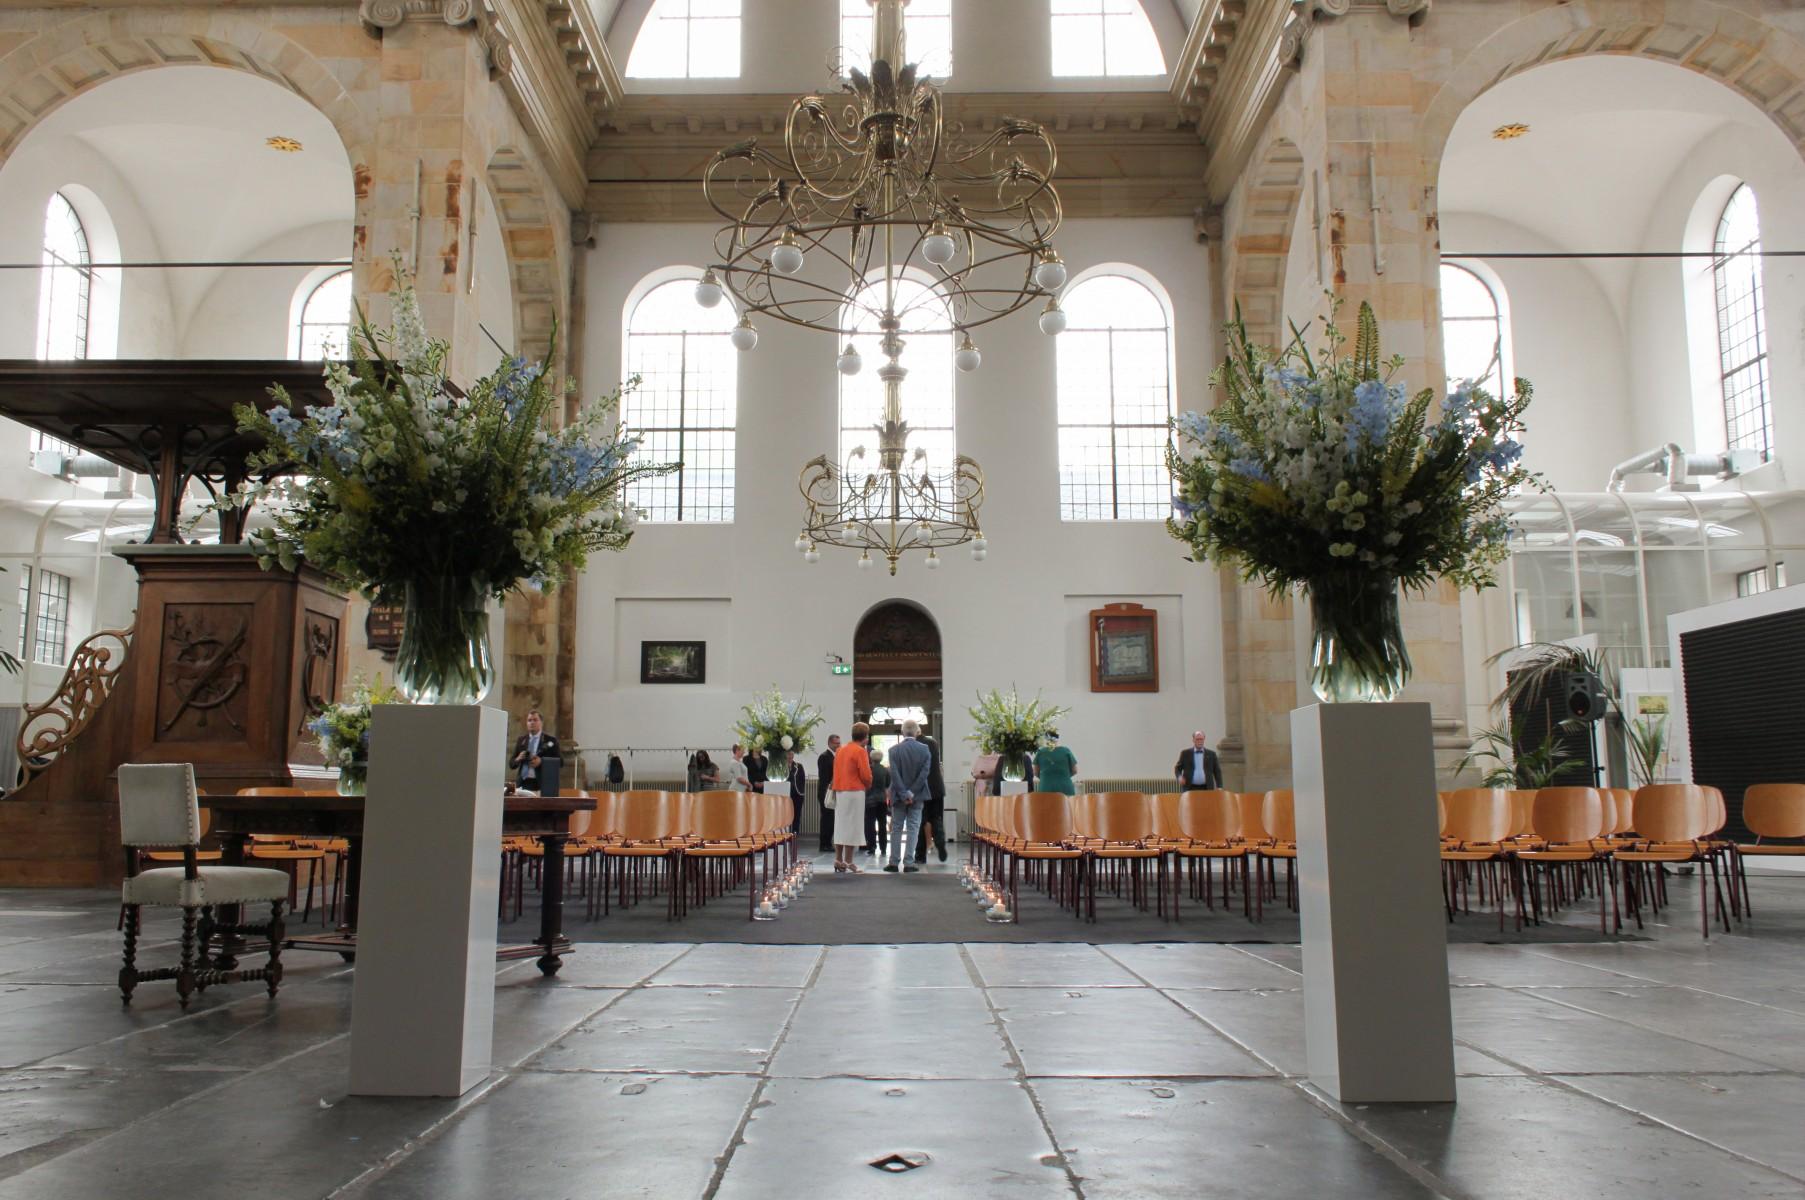 Oosterkerk (Amsterdam) - Wikipedia